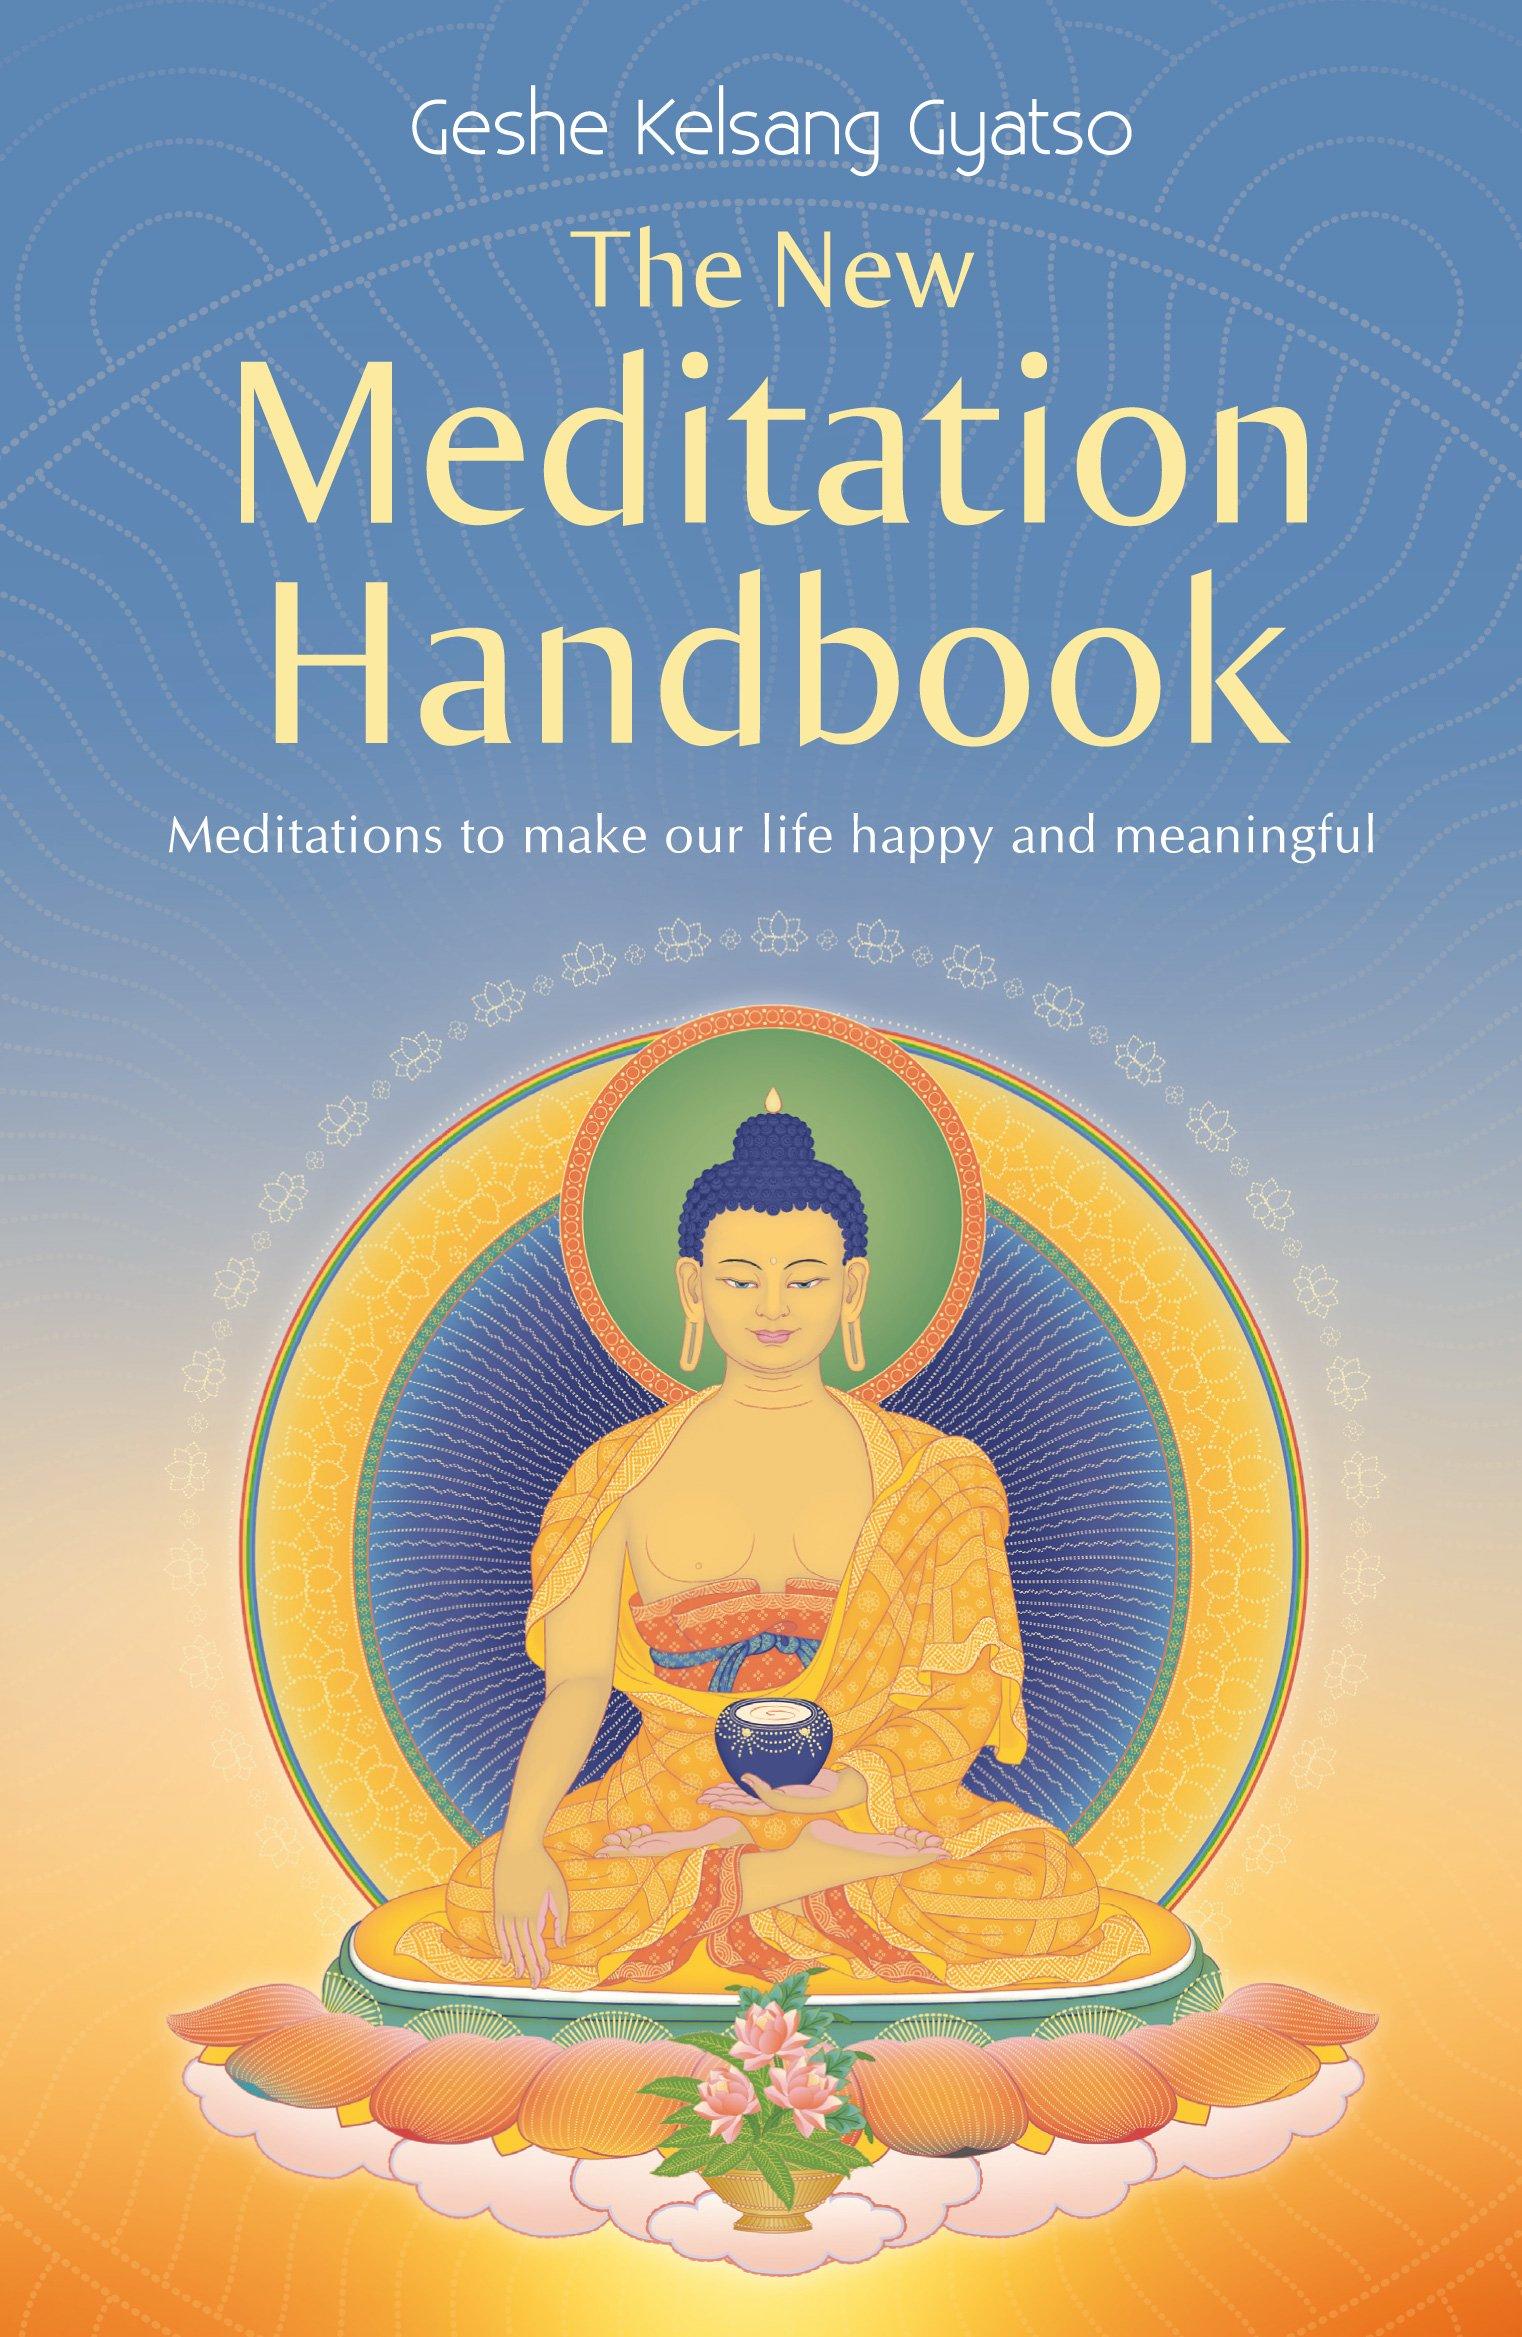 Le manuel de méditation